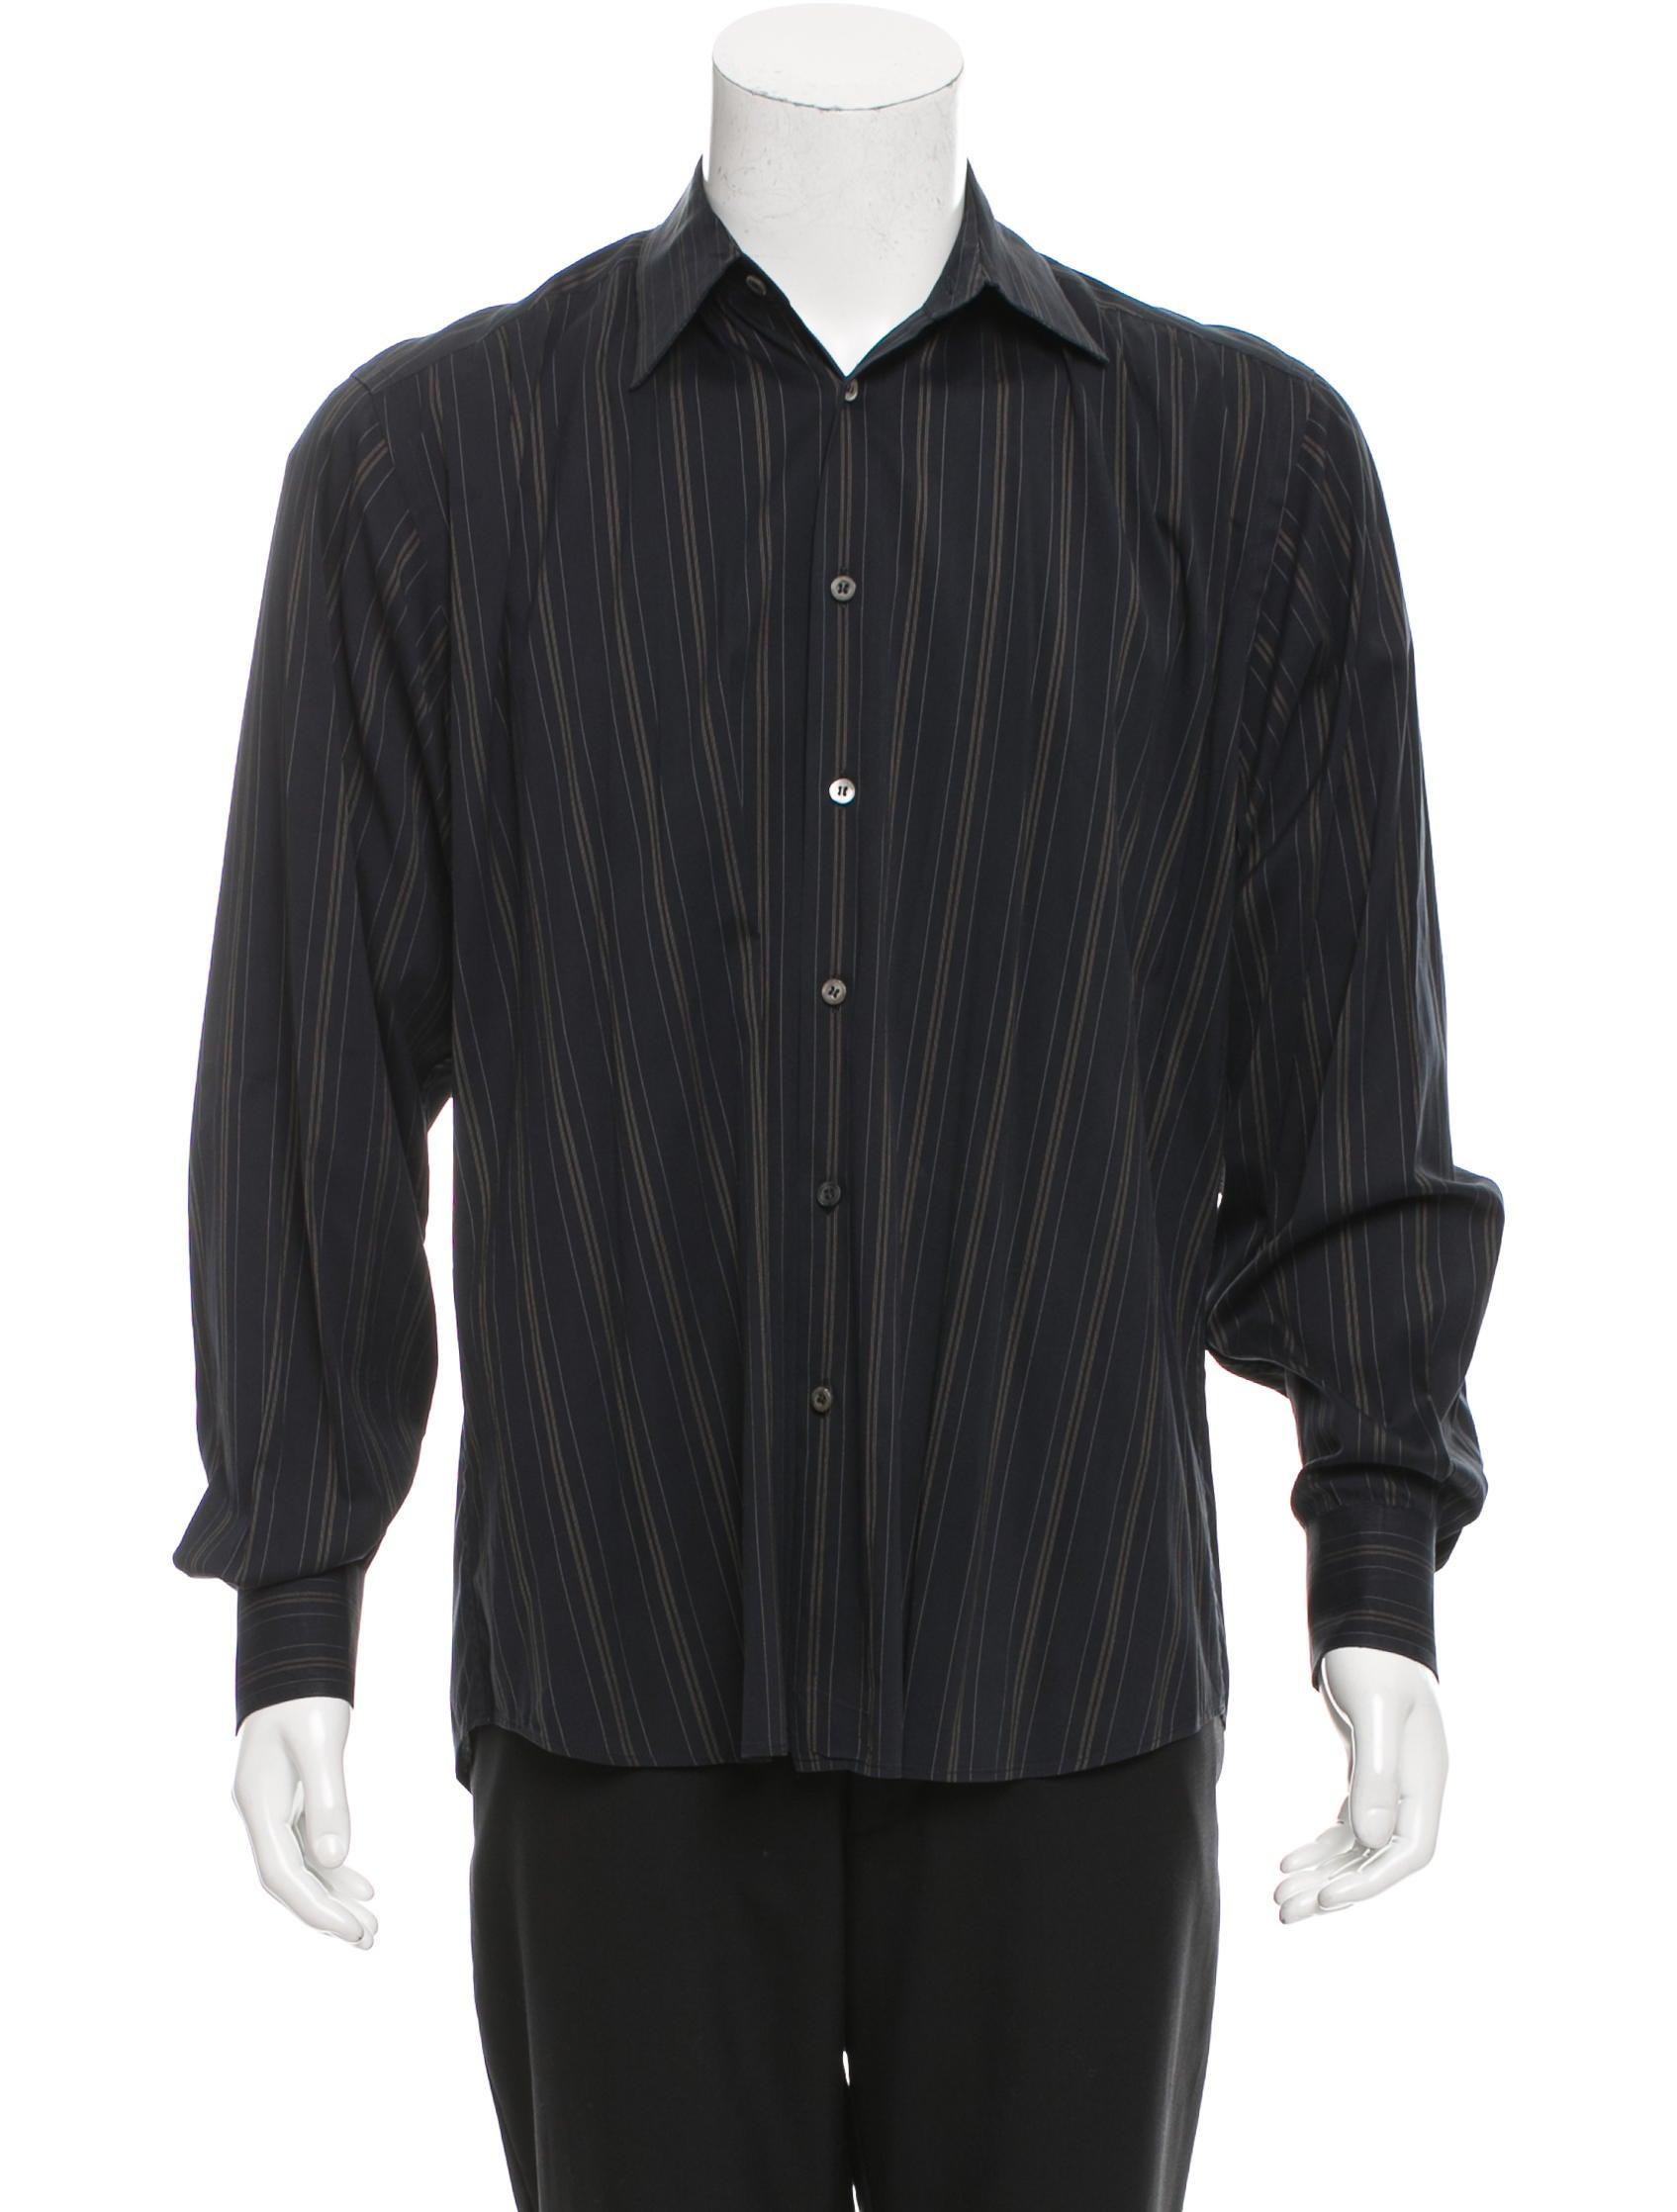 Prada striped button up shirt clothing pra154539 the for Striped button up shirt mens